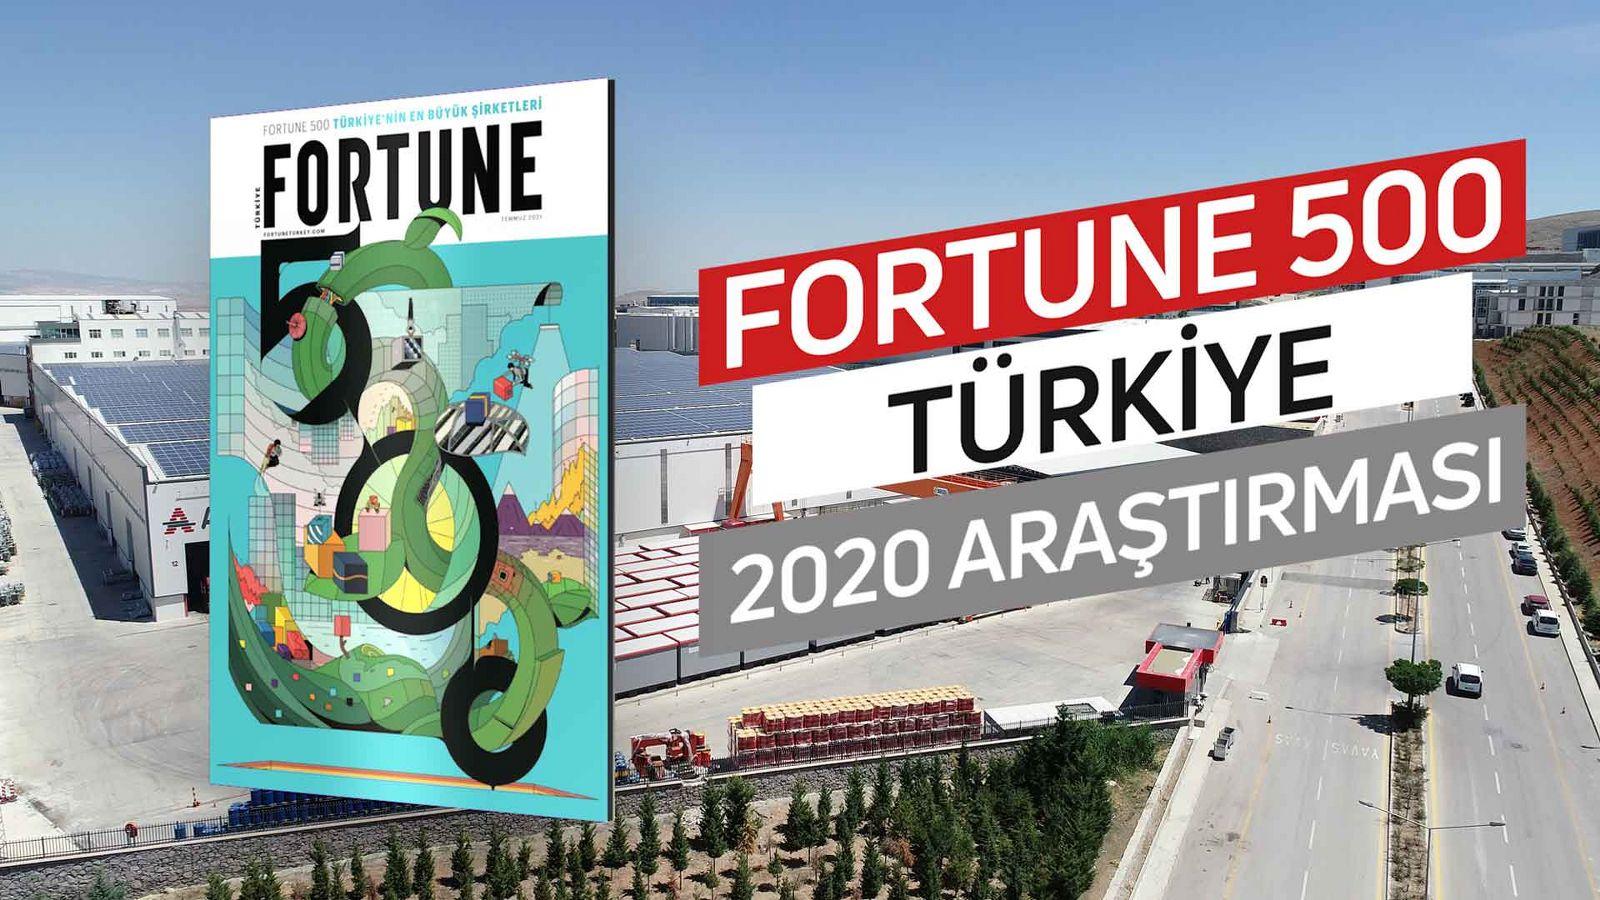 ASTOR Türkiye'nin en büyük 500 şirketinin sıralandığı Fortune 500 Türkiye Araştırması sonuçlarına göre, ASTOR 2020 yılında 28 basamak yükselerek 252. sırada yer aldı.